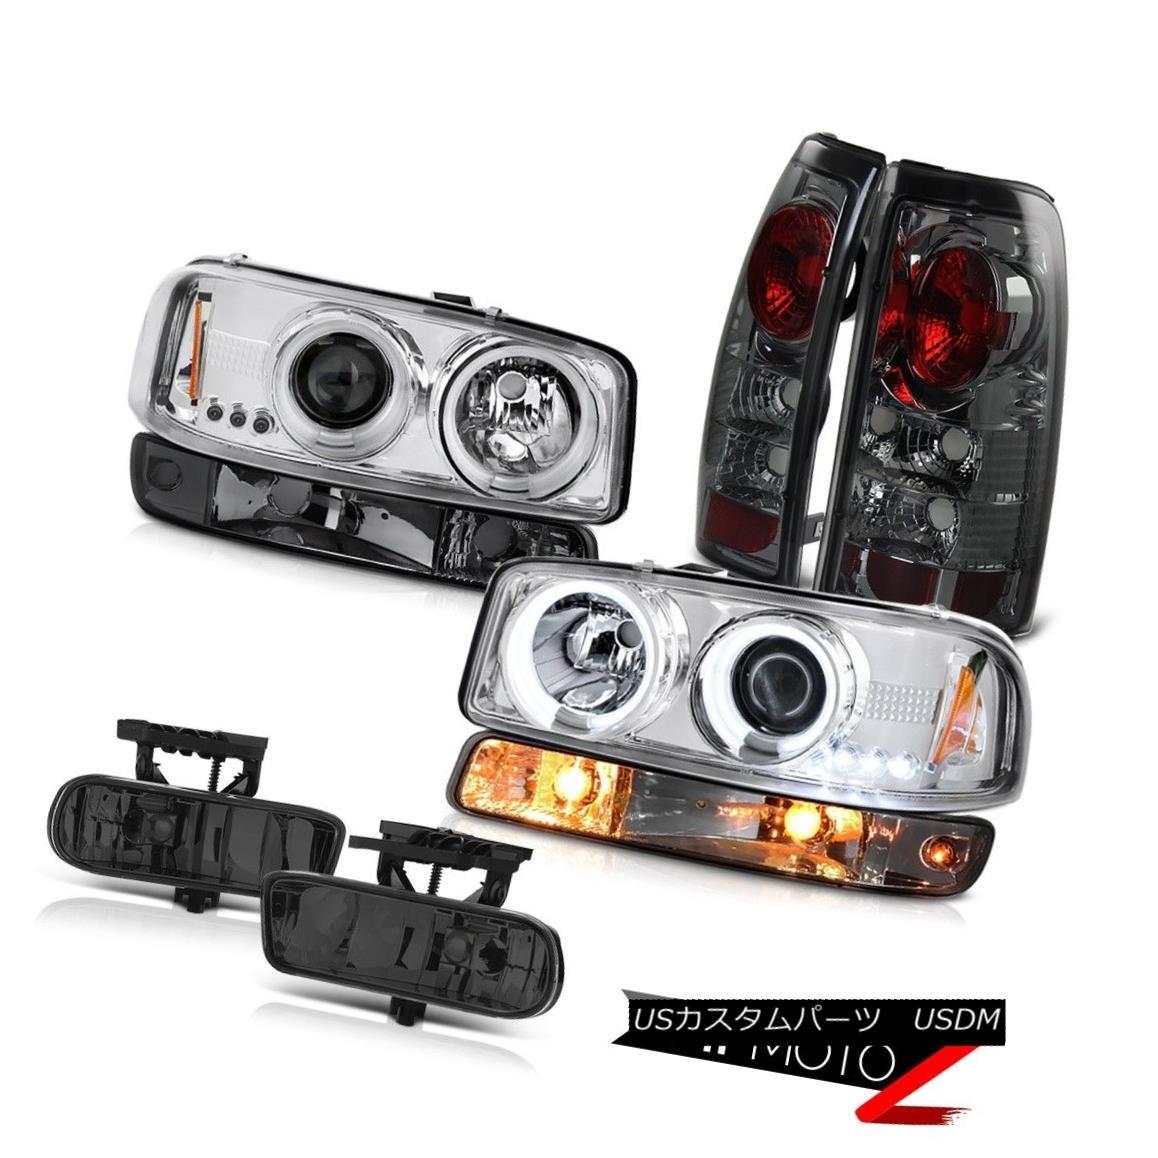 テールライト 99-02 Sierra 6.0L Foglamps rear brake lights signal light chrome ccfl headlamps 99-02 Sierra 6.0Lフォグランプリアブレーキライト信号ライトクロムccflヘッドライト